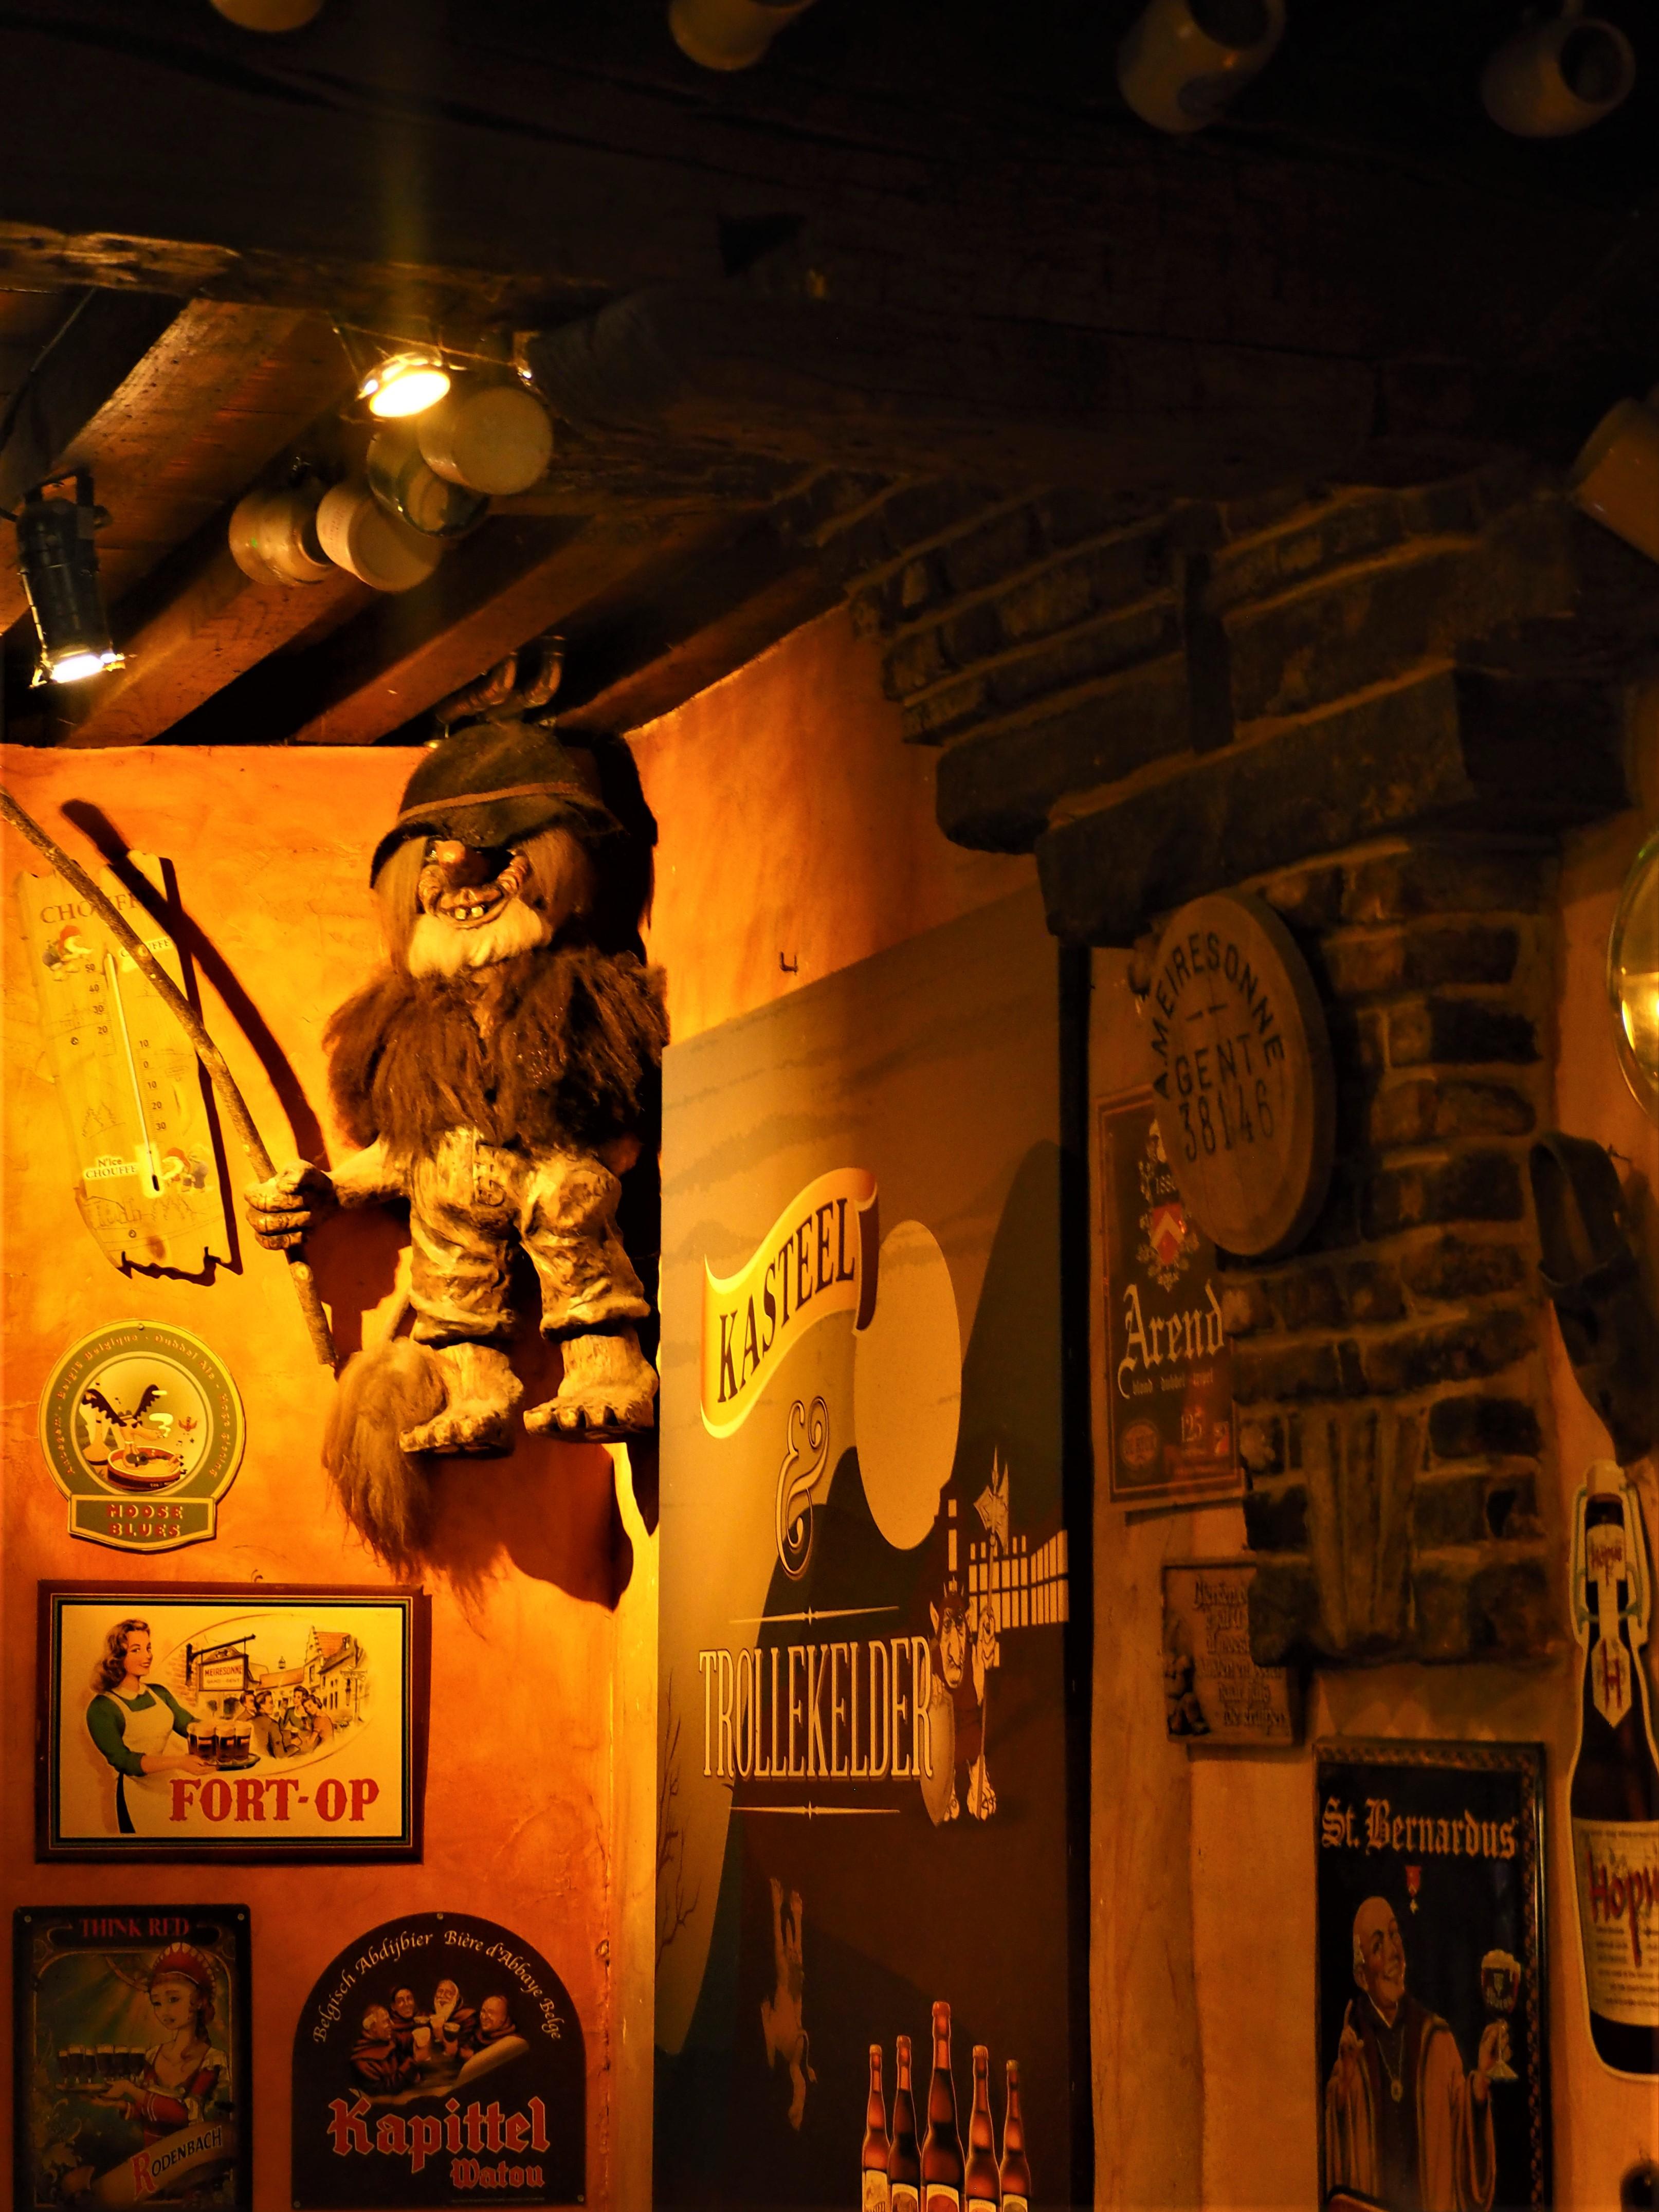 Nain Bar gand belgique pub trollekelder eglise saint jacques atypique clioandco blog voyage